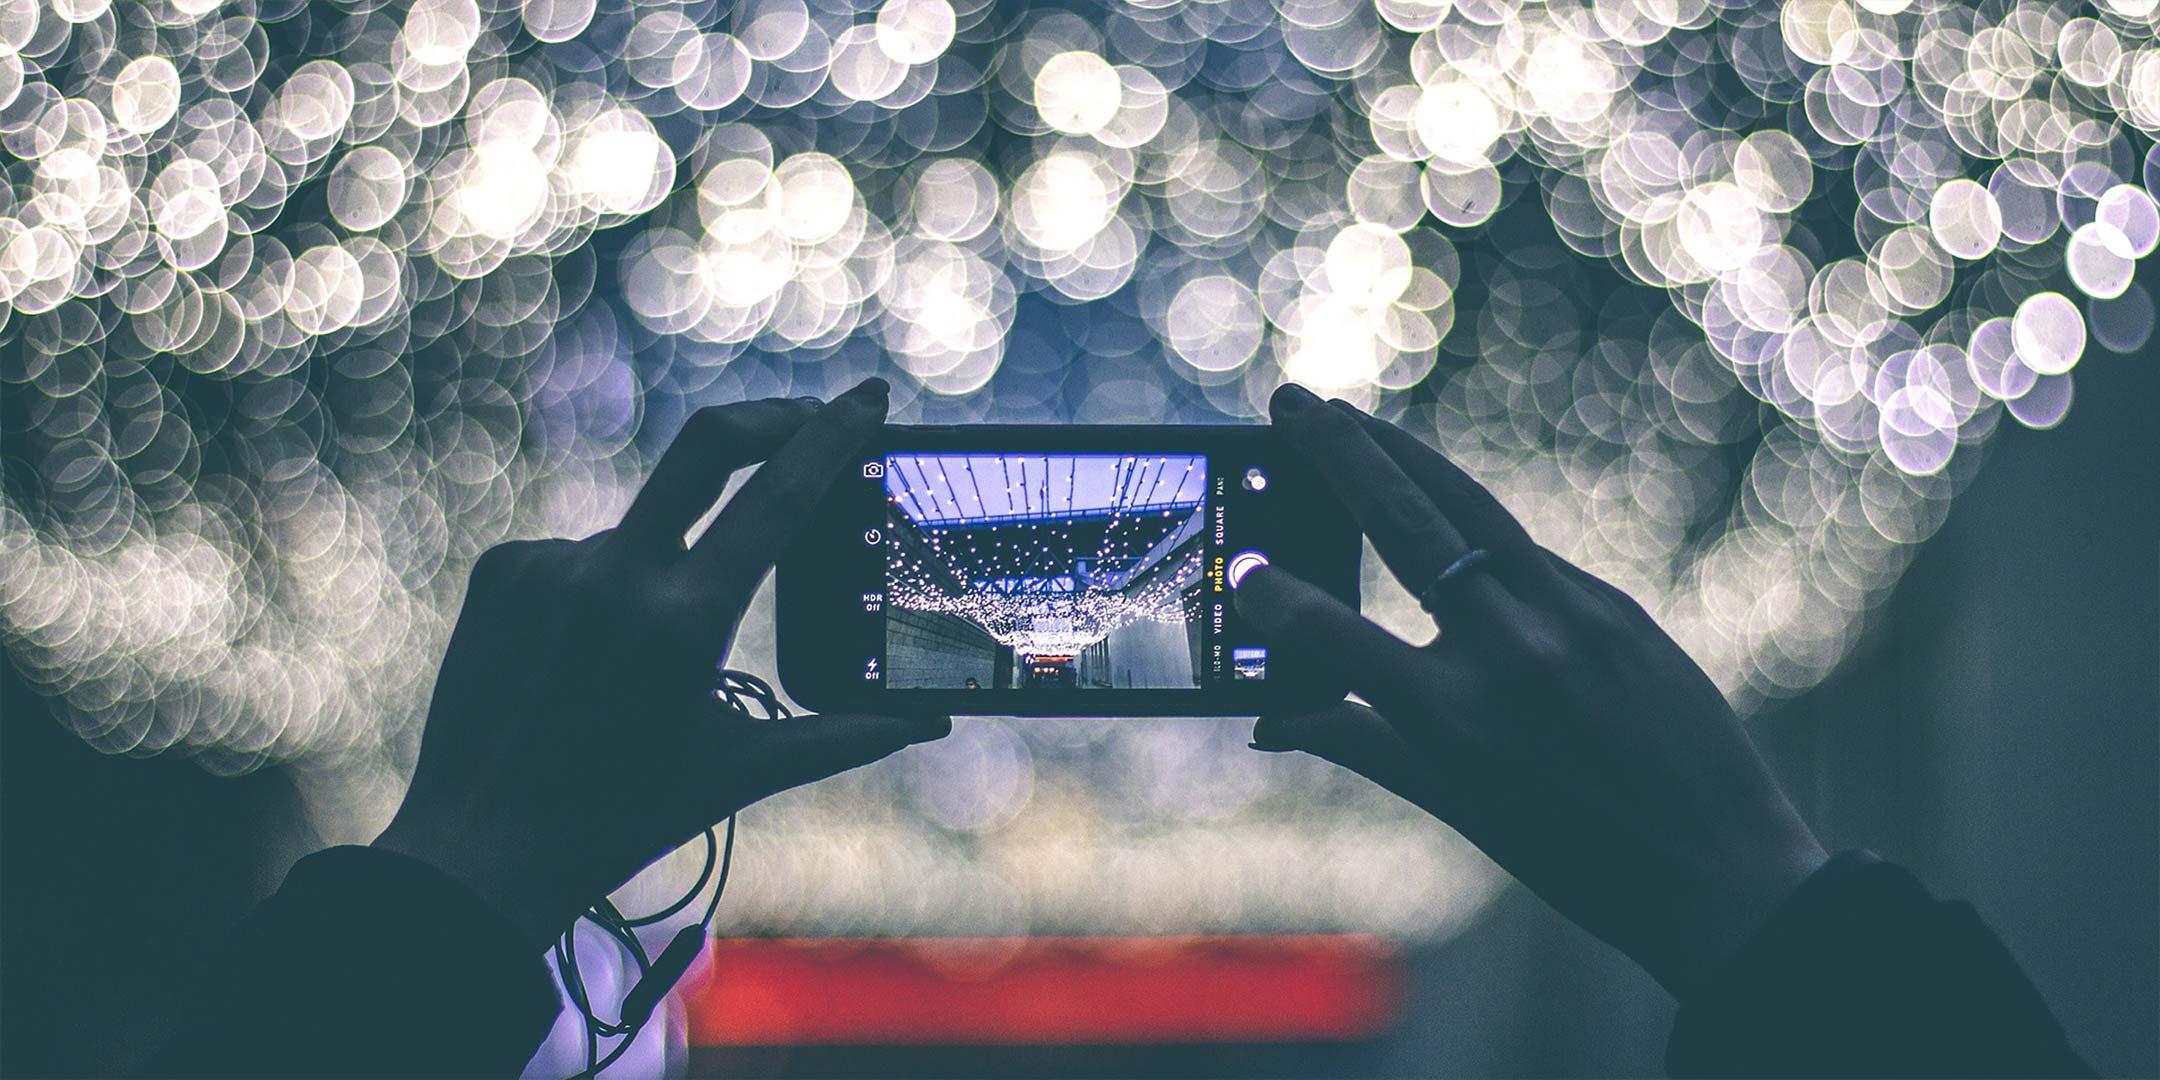 Vijf tips voor het maken van je eerste video-[tag] 4|Vijf tips voor het maken van je eerste video-[tag]|Vijf tips voor het maken van je eerste video-[tag] 2|Vijf tips voor het maken van je eerste video-[tag] 3|Vijf tips voor het maken van je eerste video-[tag] 5|Vijf tips voor het maken van je eerste video-[tag] 6|Vijf tips voor het maken van je eerste video-[tag] 7|Vijf tips voor het maken van je eerste video-[tag] 8|Vijf tips voor het maken van je eerste video-[tag] 9|Vijf tips voor het maken van je eerste video-[tag] 10|Vijf tips voor het maken van je eerste video-[tag] 11